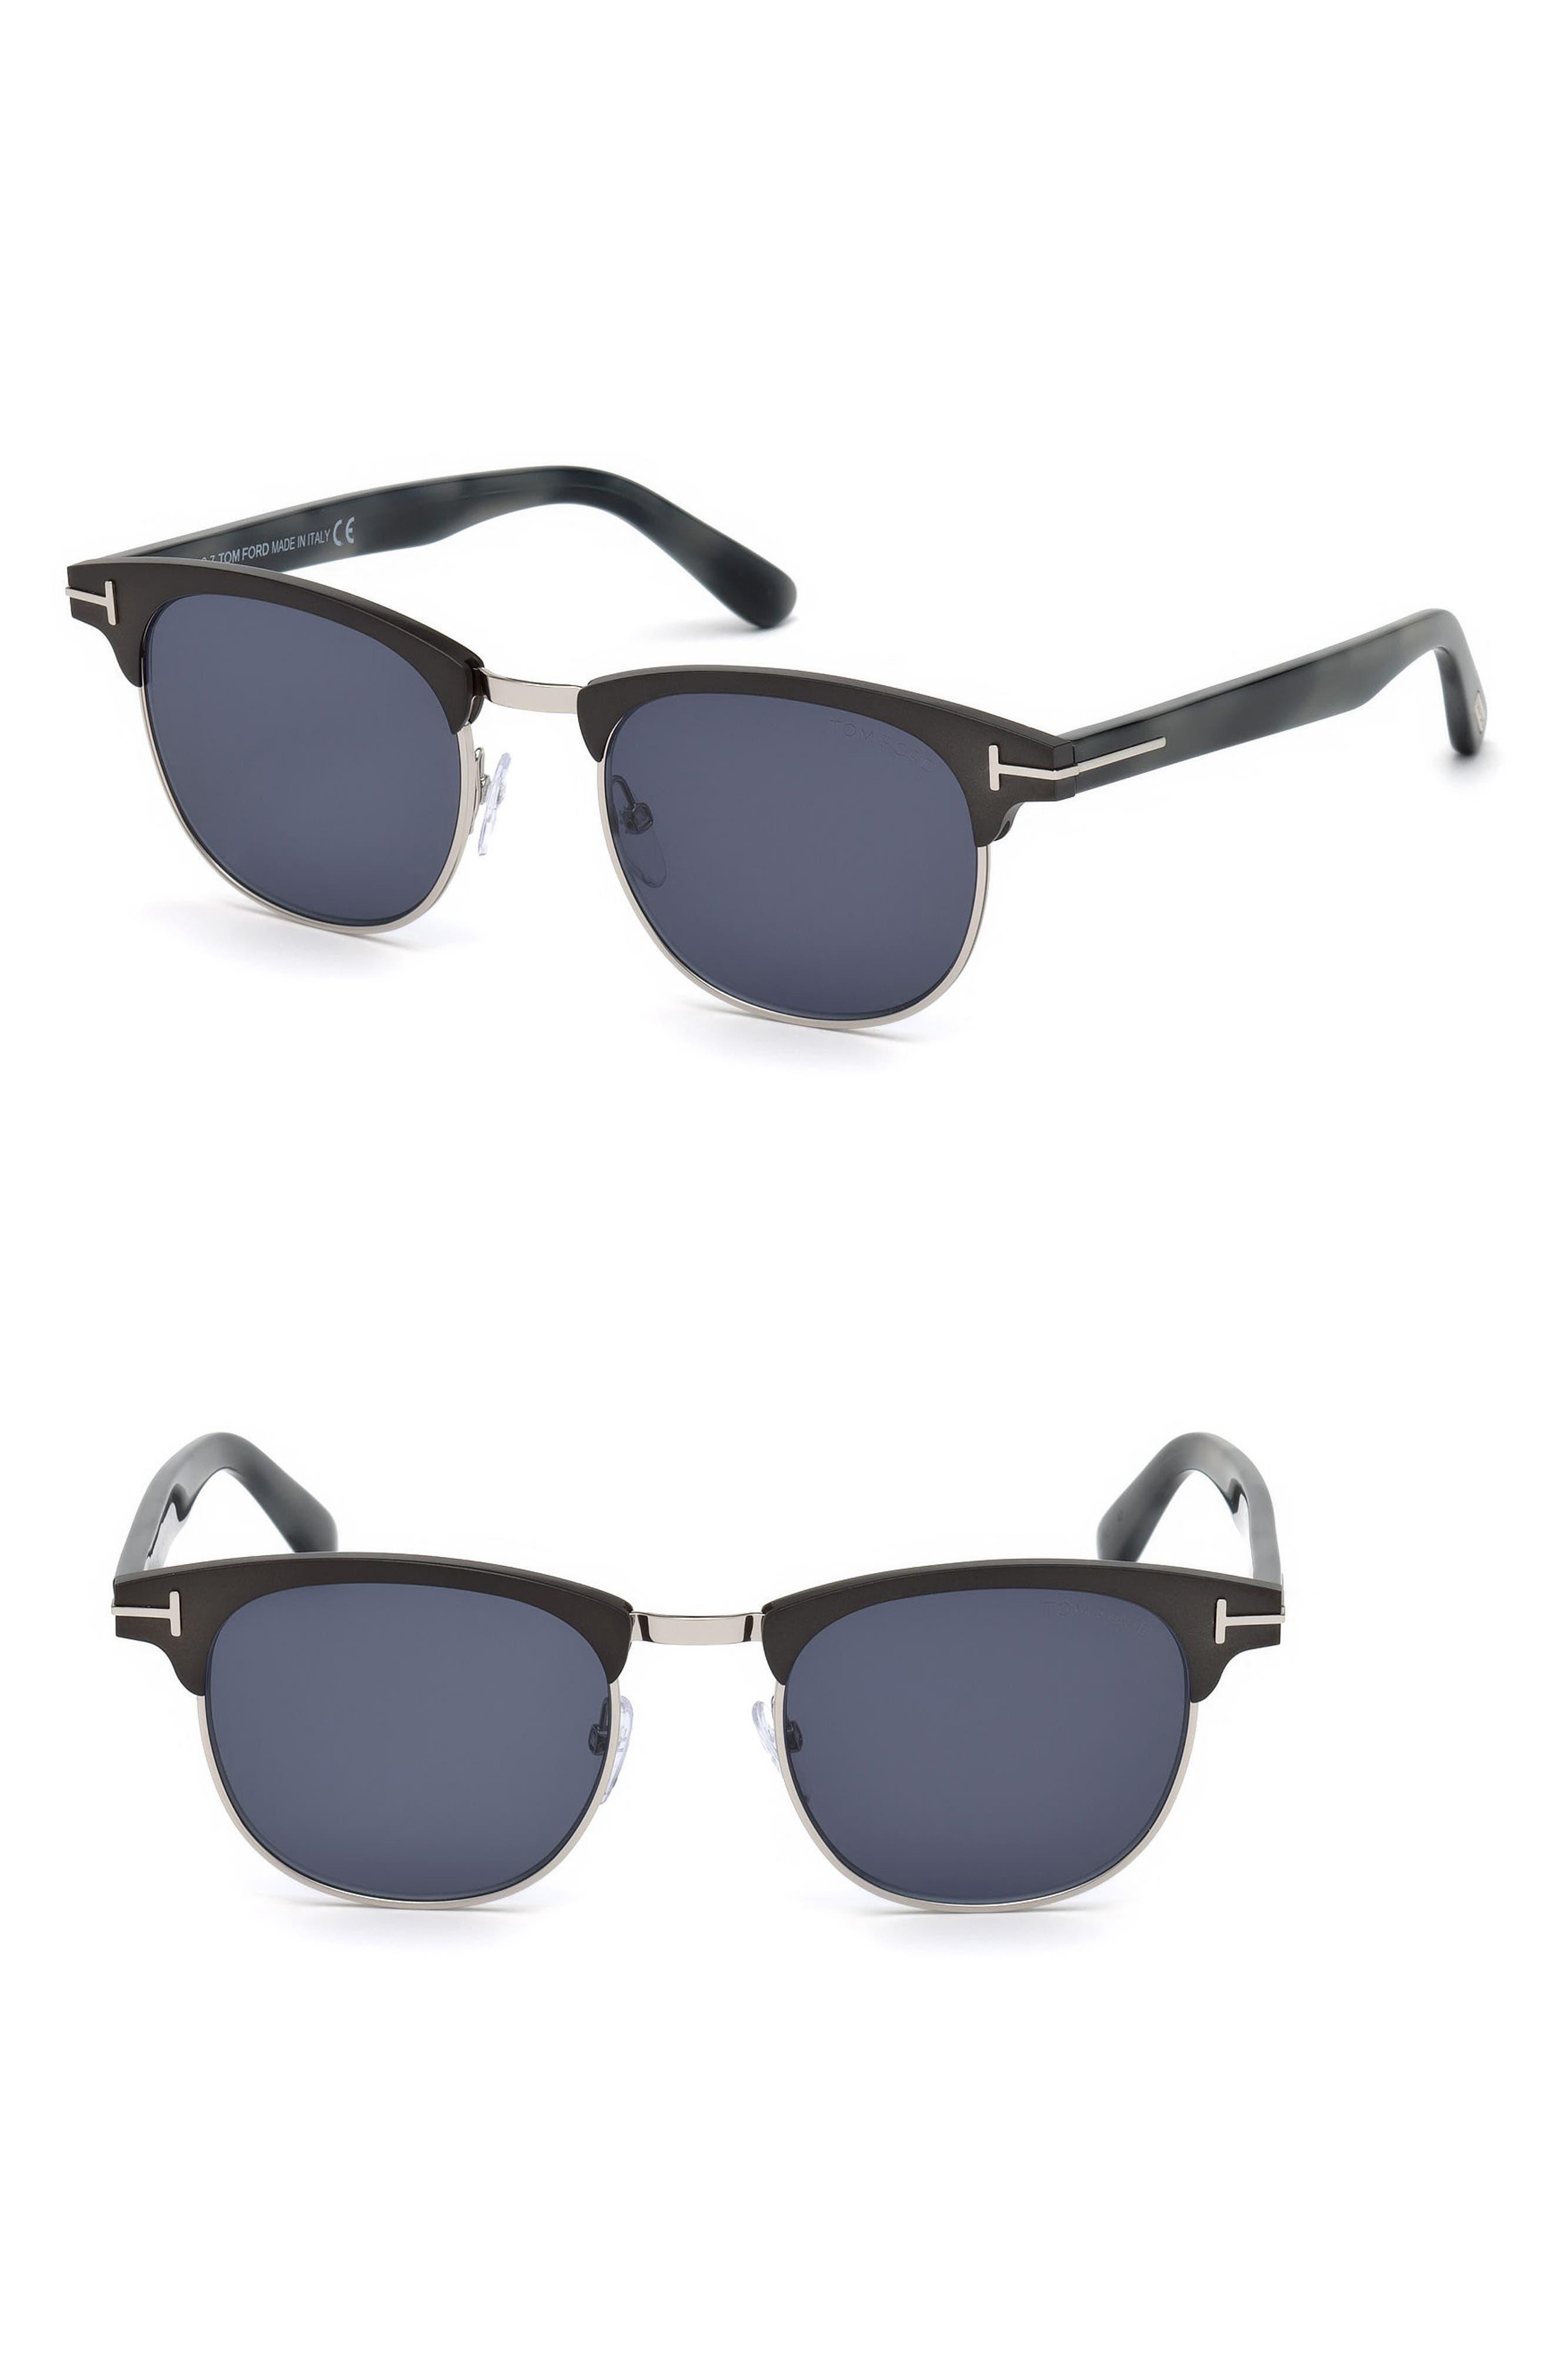 818d2ea057 Men s Tom Ford Designer Sunglasses